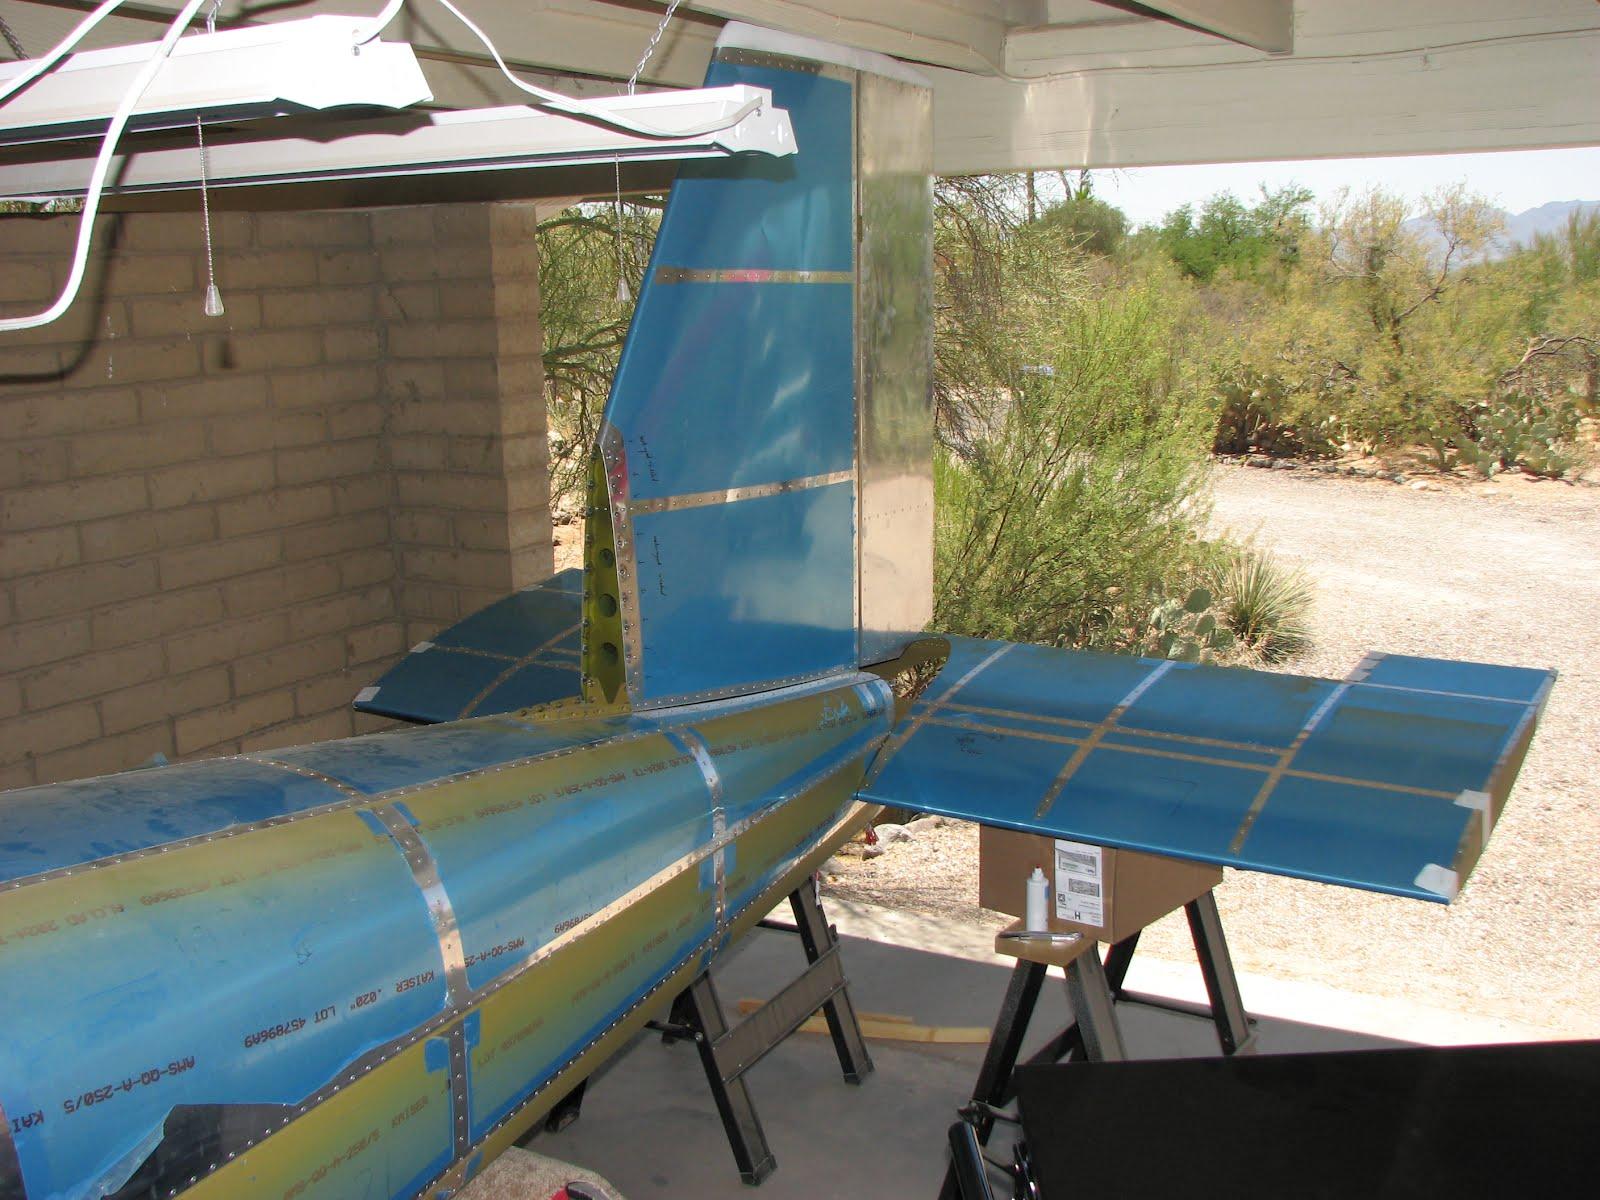 Torsten S Rv 12 Stabilator Installed